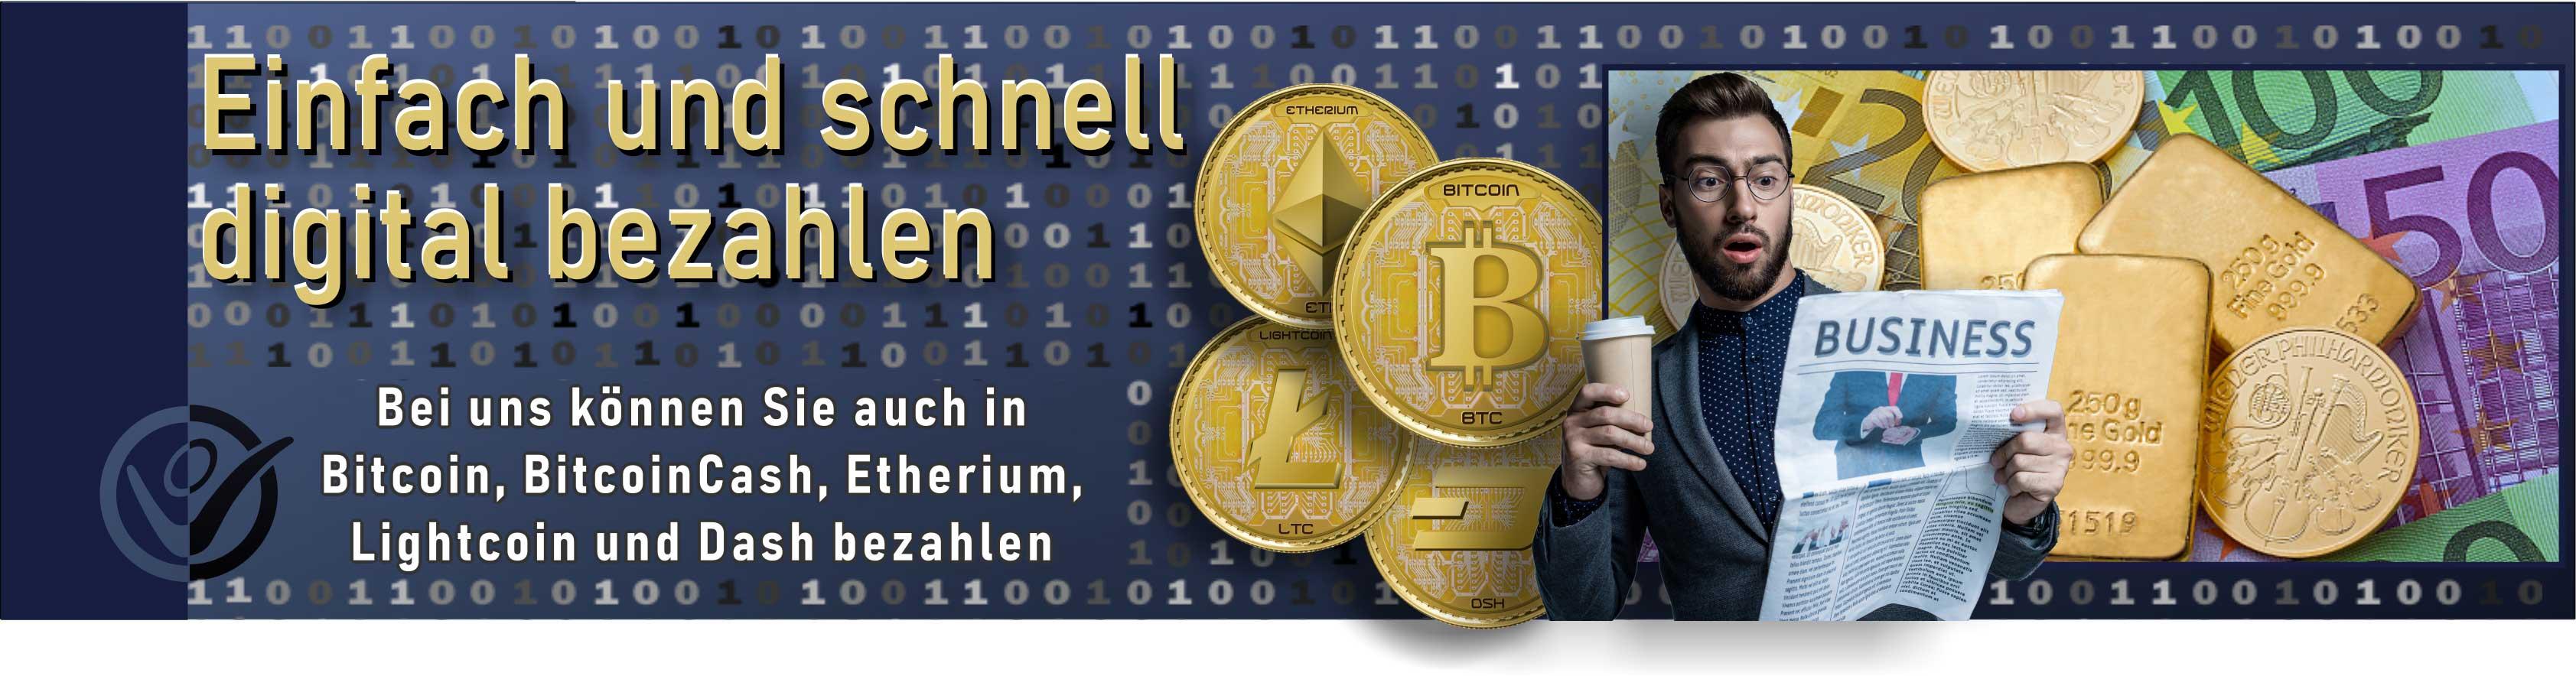 Auflistung 8 verschiedener Kryptowährungen